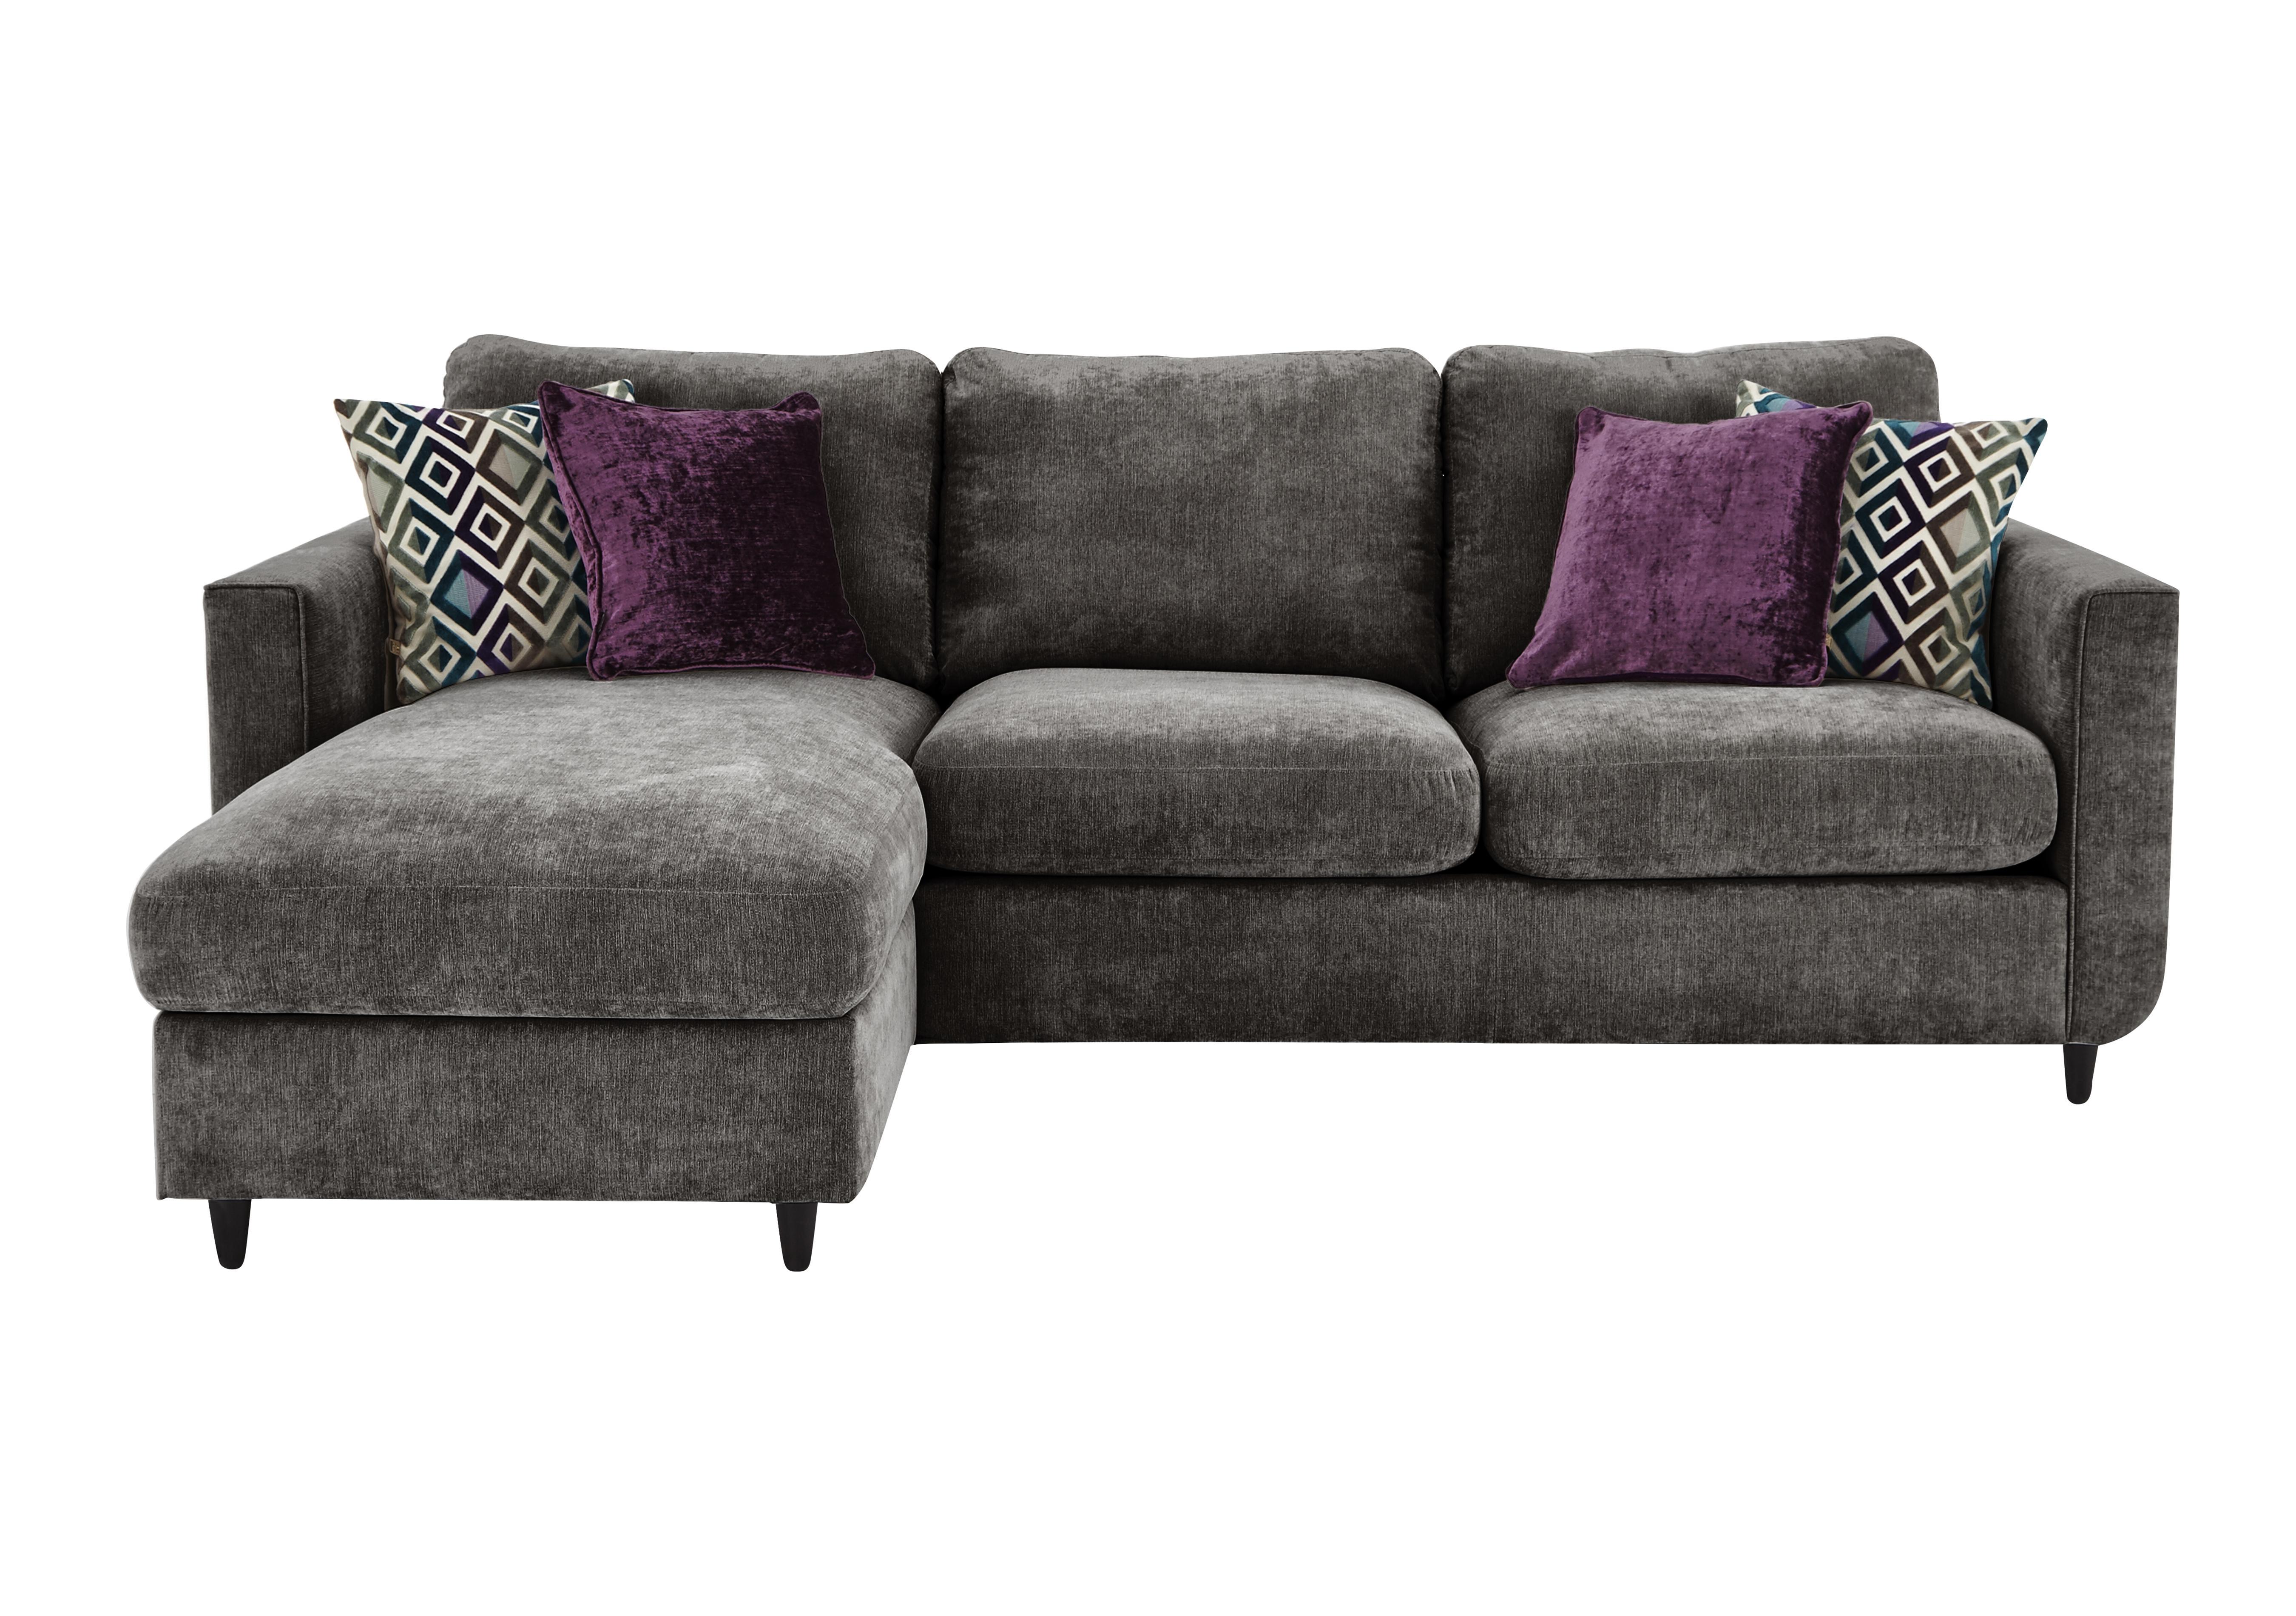 gray couch save € 100 VNZGZMW